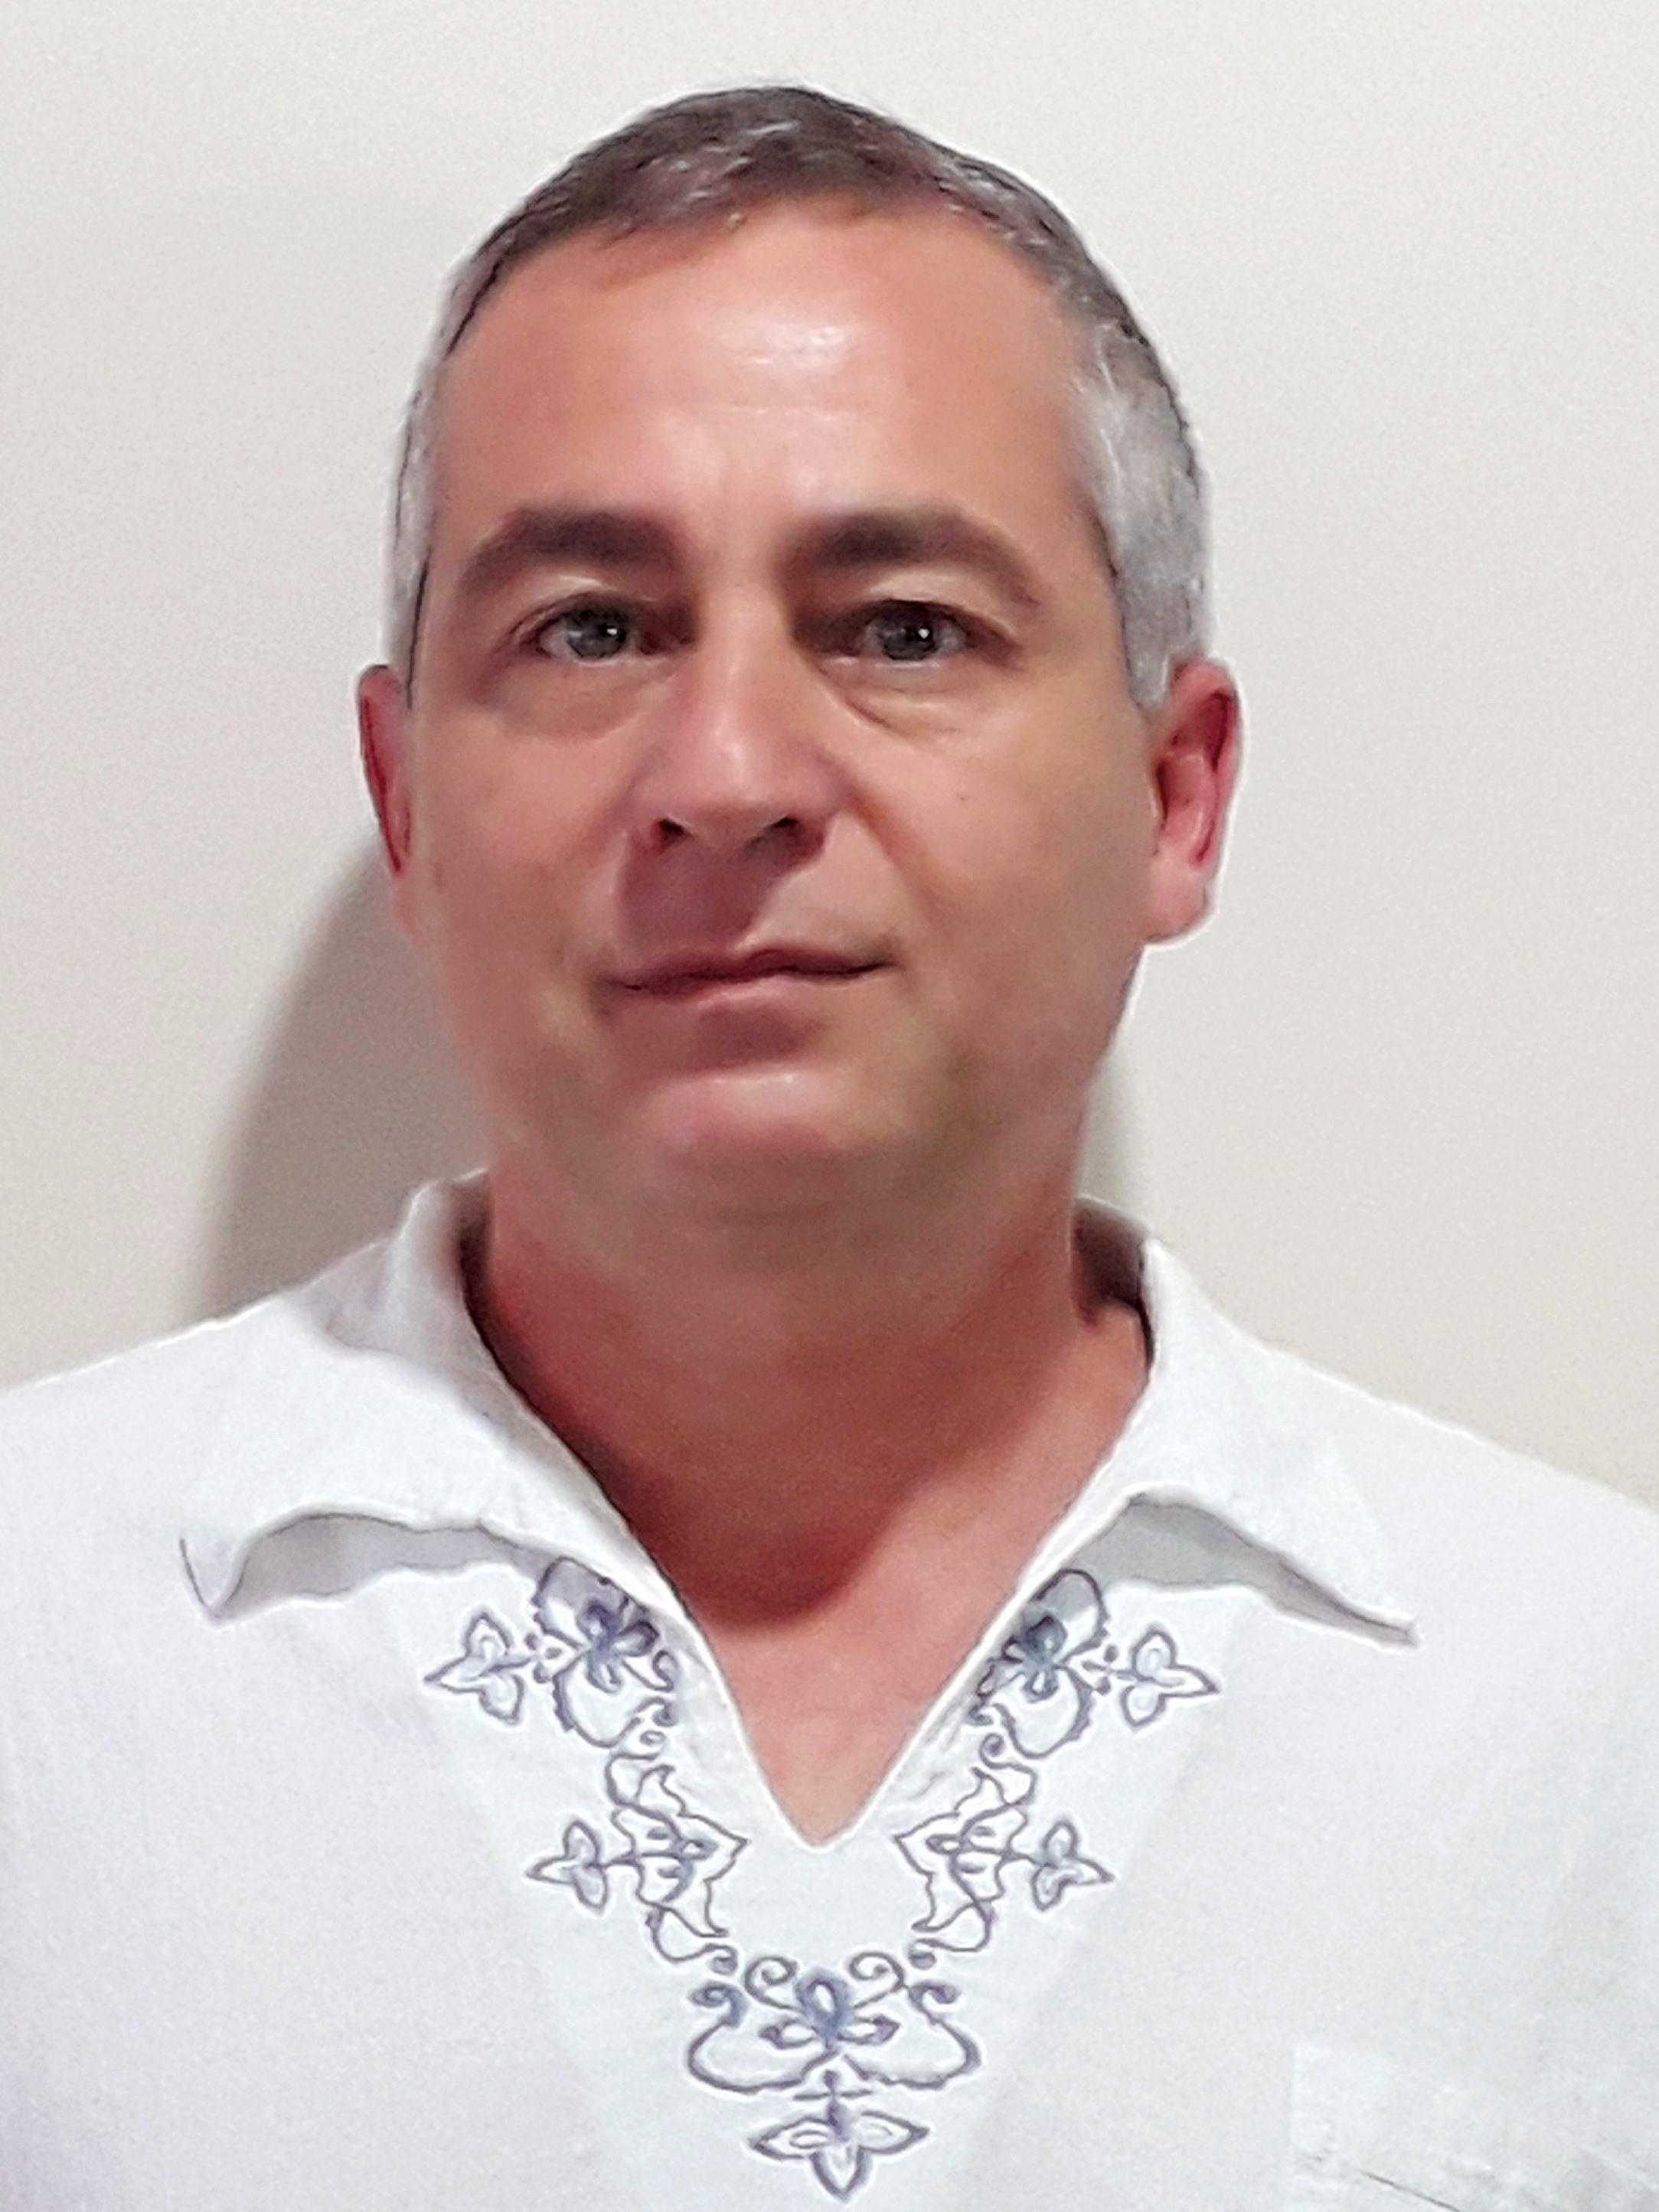 Gianluca Lemma